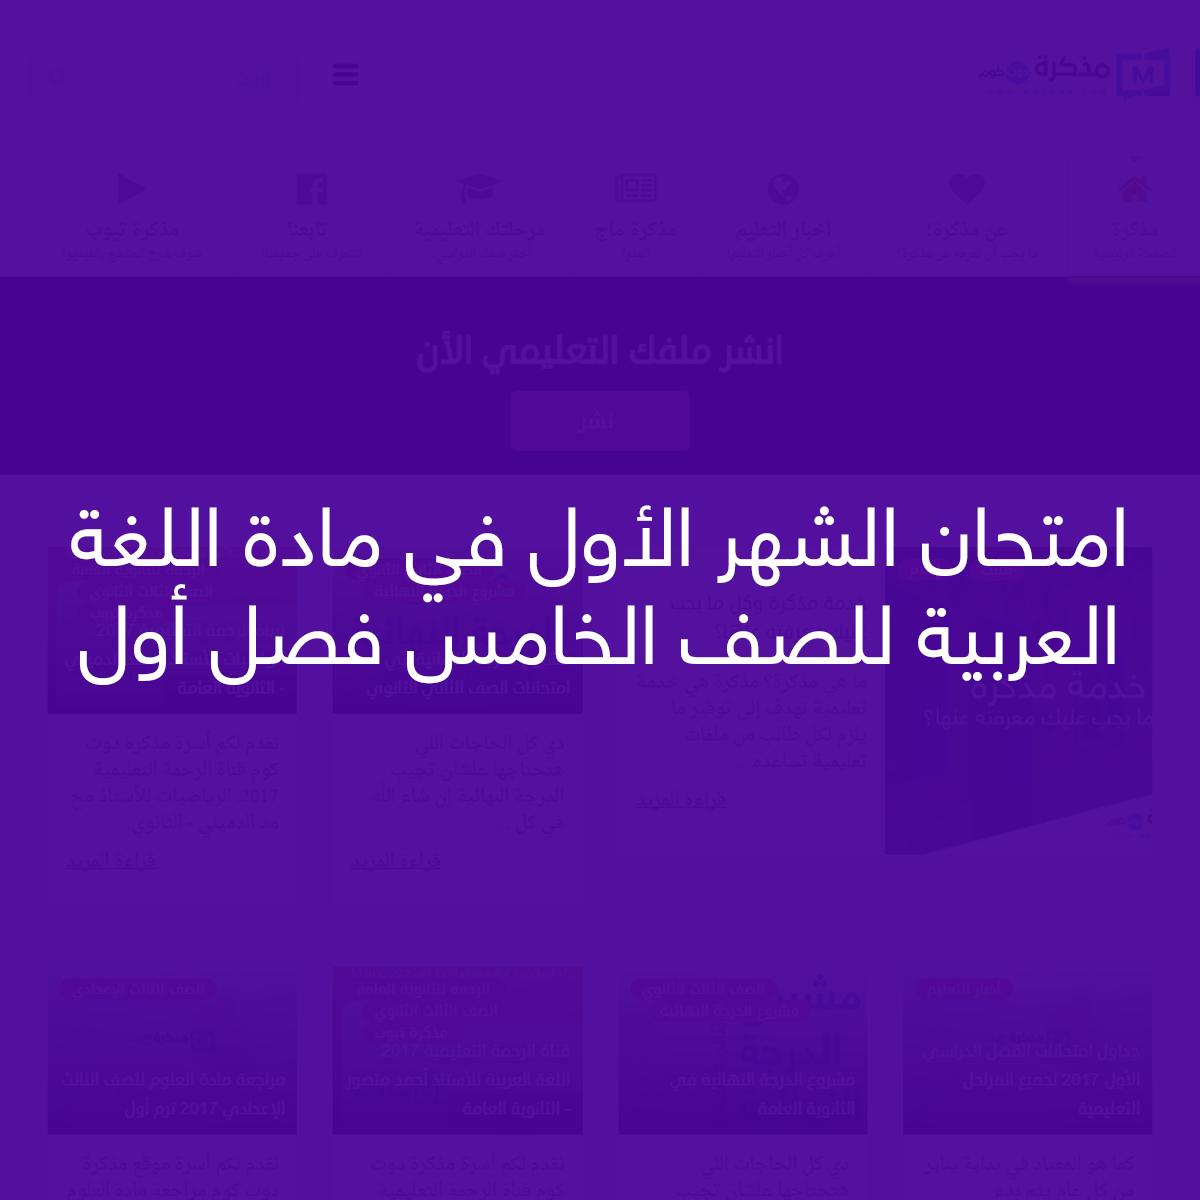 امتحان الشهر الأول في مادة اللغة العربية للصف الخامس فصل أول